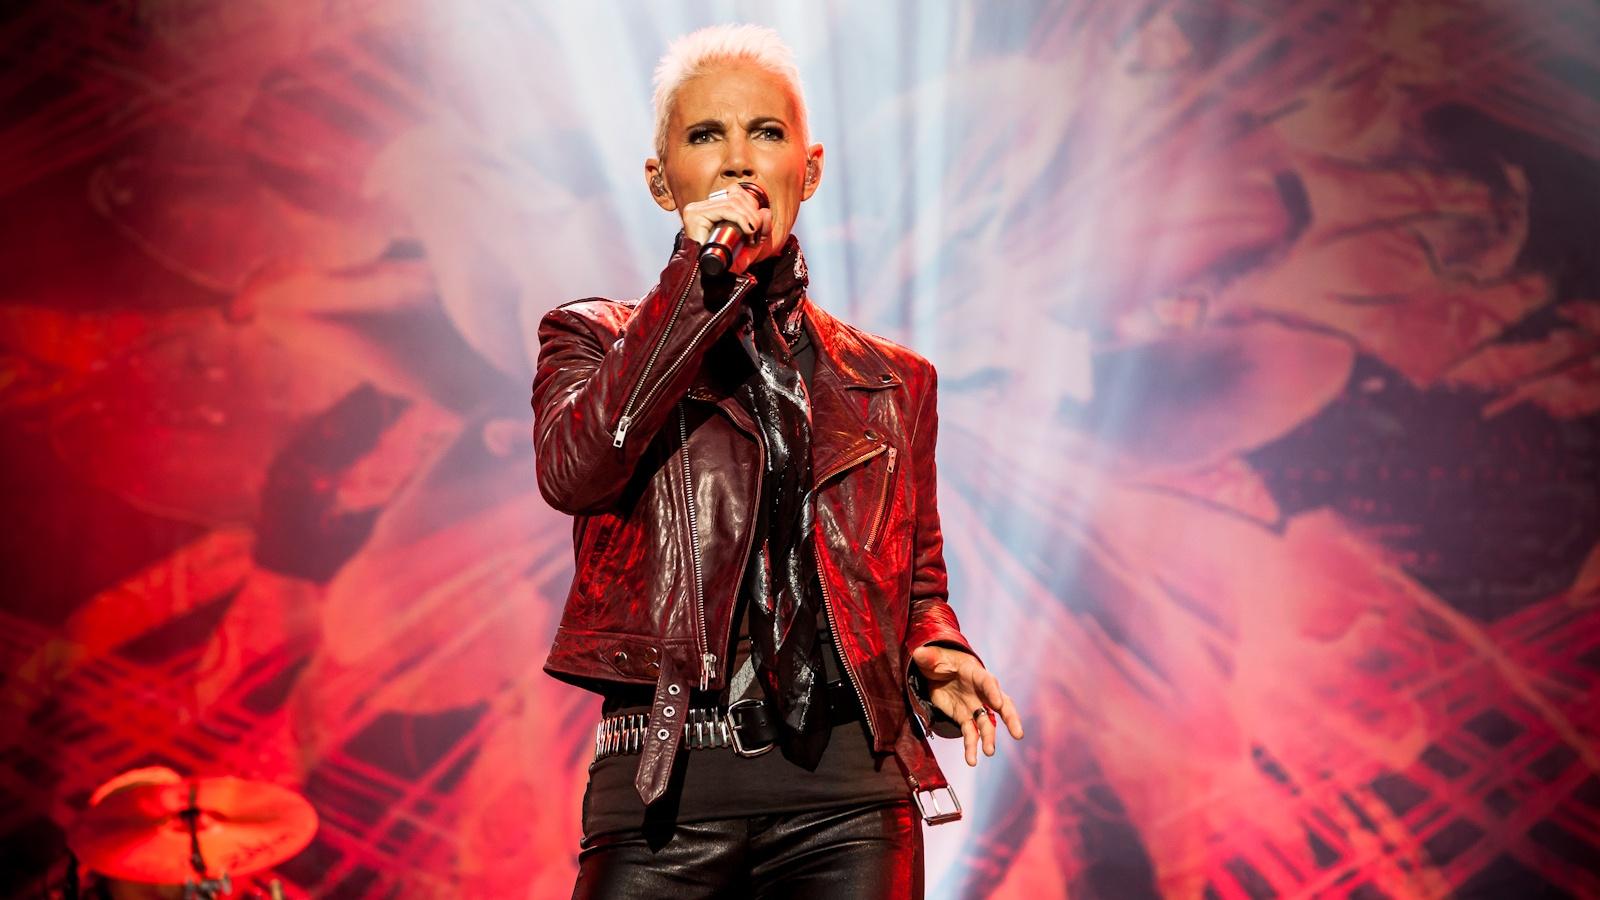 Marie Fredriksson of Roxette live - Fotó: Wikimedia.org